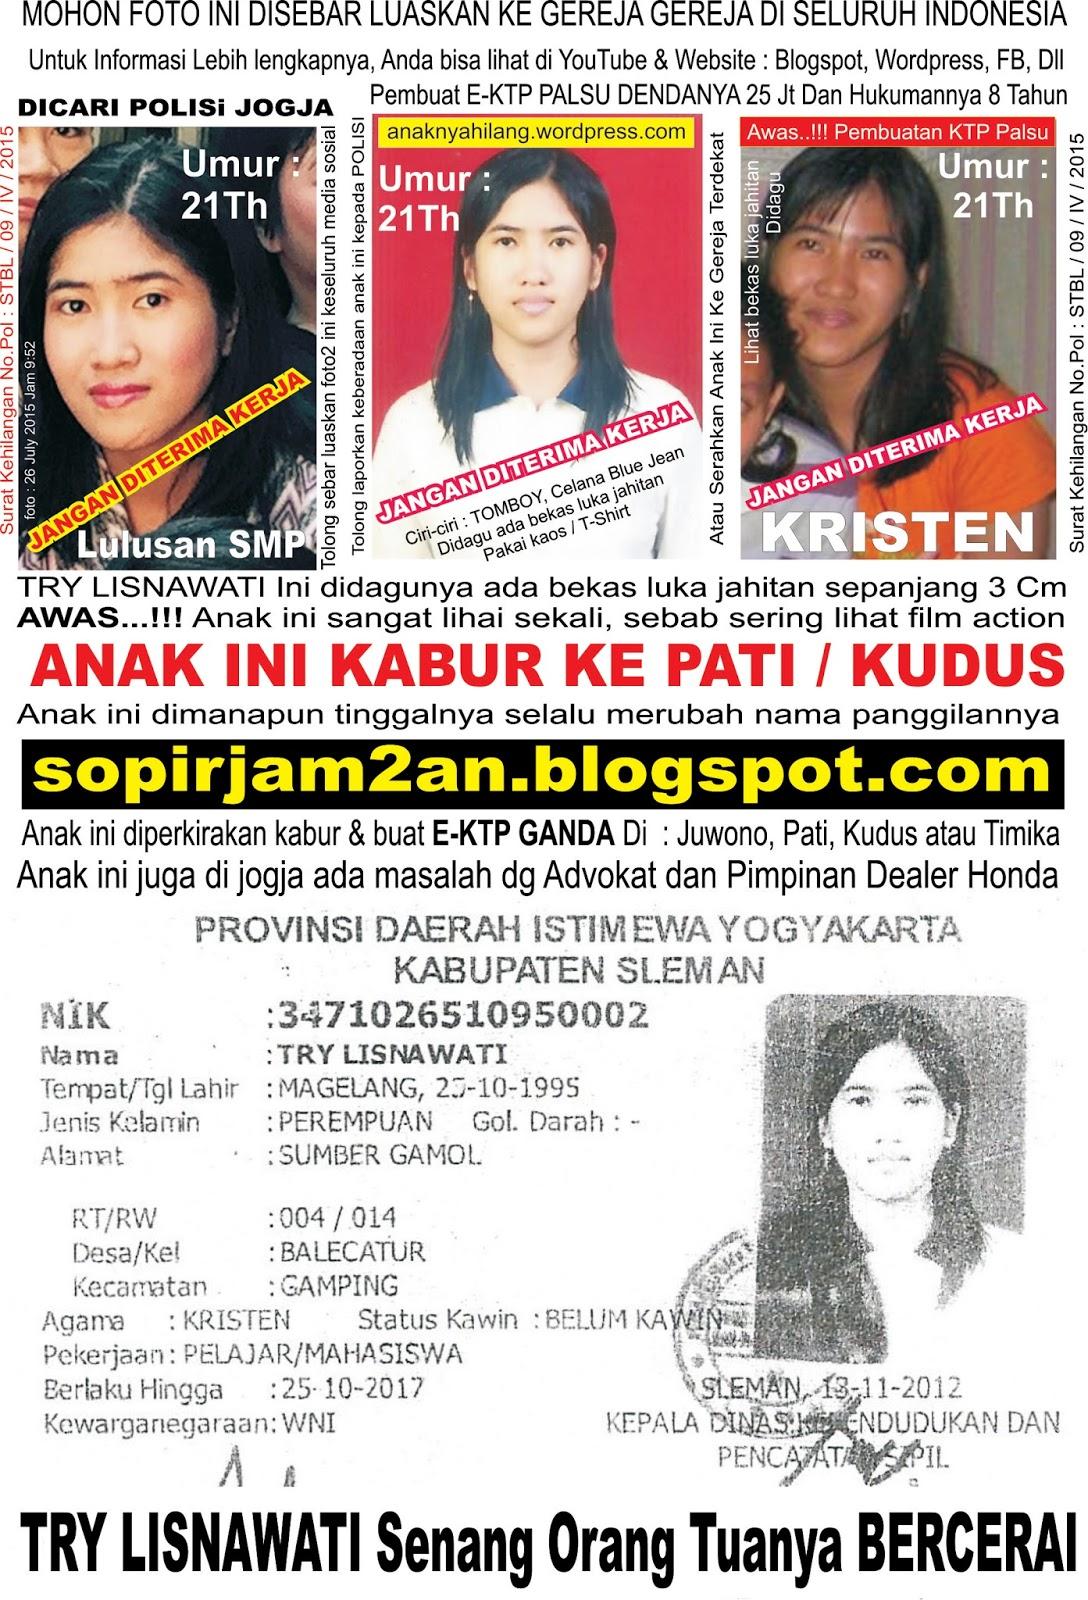 Agen Baja Ringan Di Denpasar Tour And Travel, Jual Tiket Promo, Jasa Antar Jemput ...